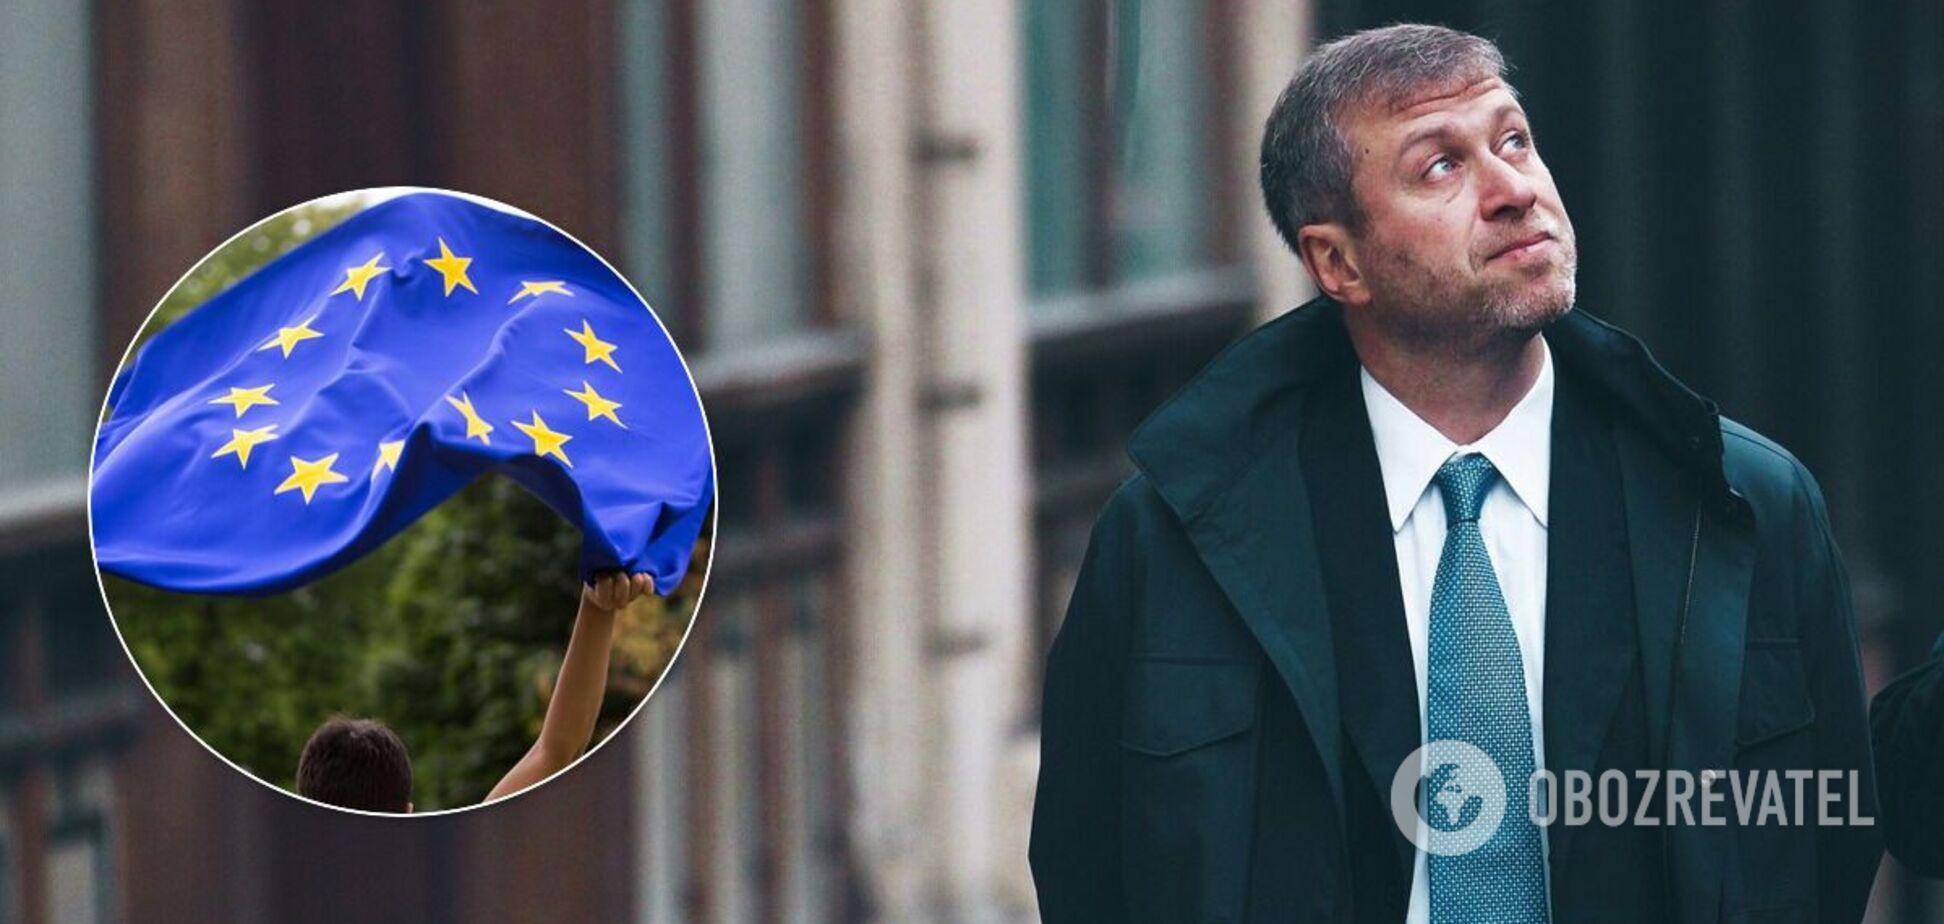 Проти Абрамовича можуть ввести санкції ЄС – ЗМІ